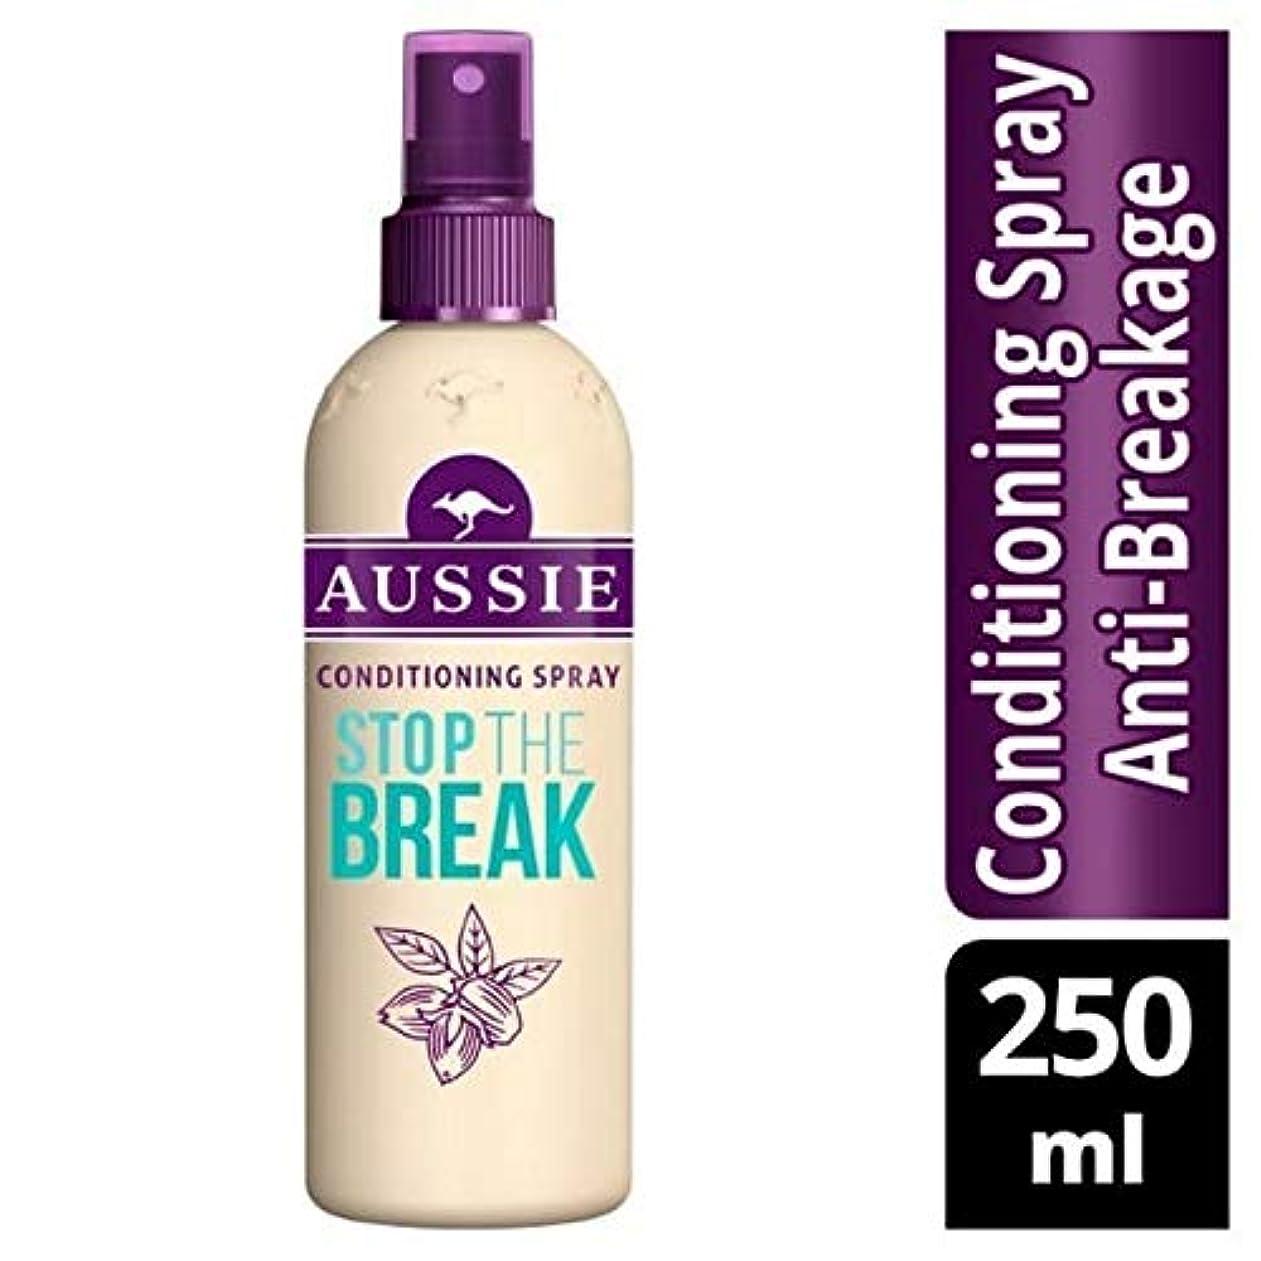 先見の明コンピューターゲームをプレイする束ねる[Aussie ] オージーはブレーク保護&コンディショニングスプレー250ミリリットルを停止します - Aussie Stop The Break Protection & Conditioning Spray 250ml...